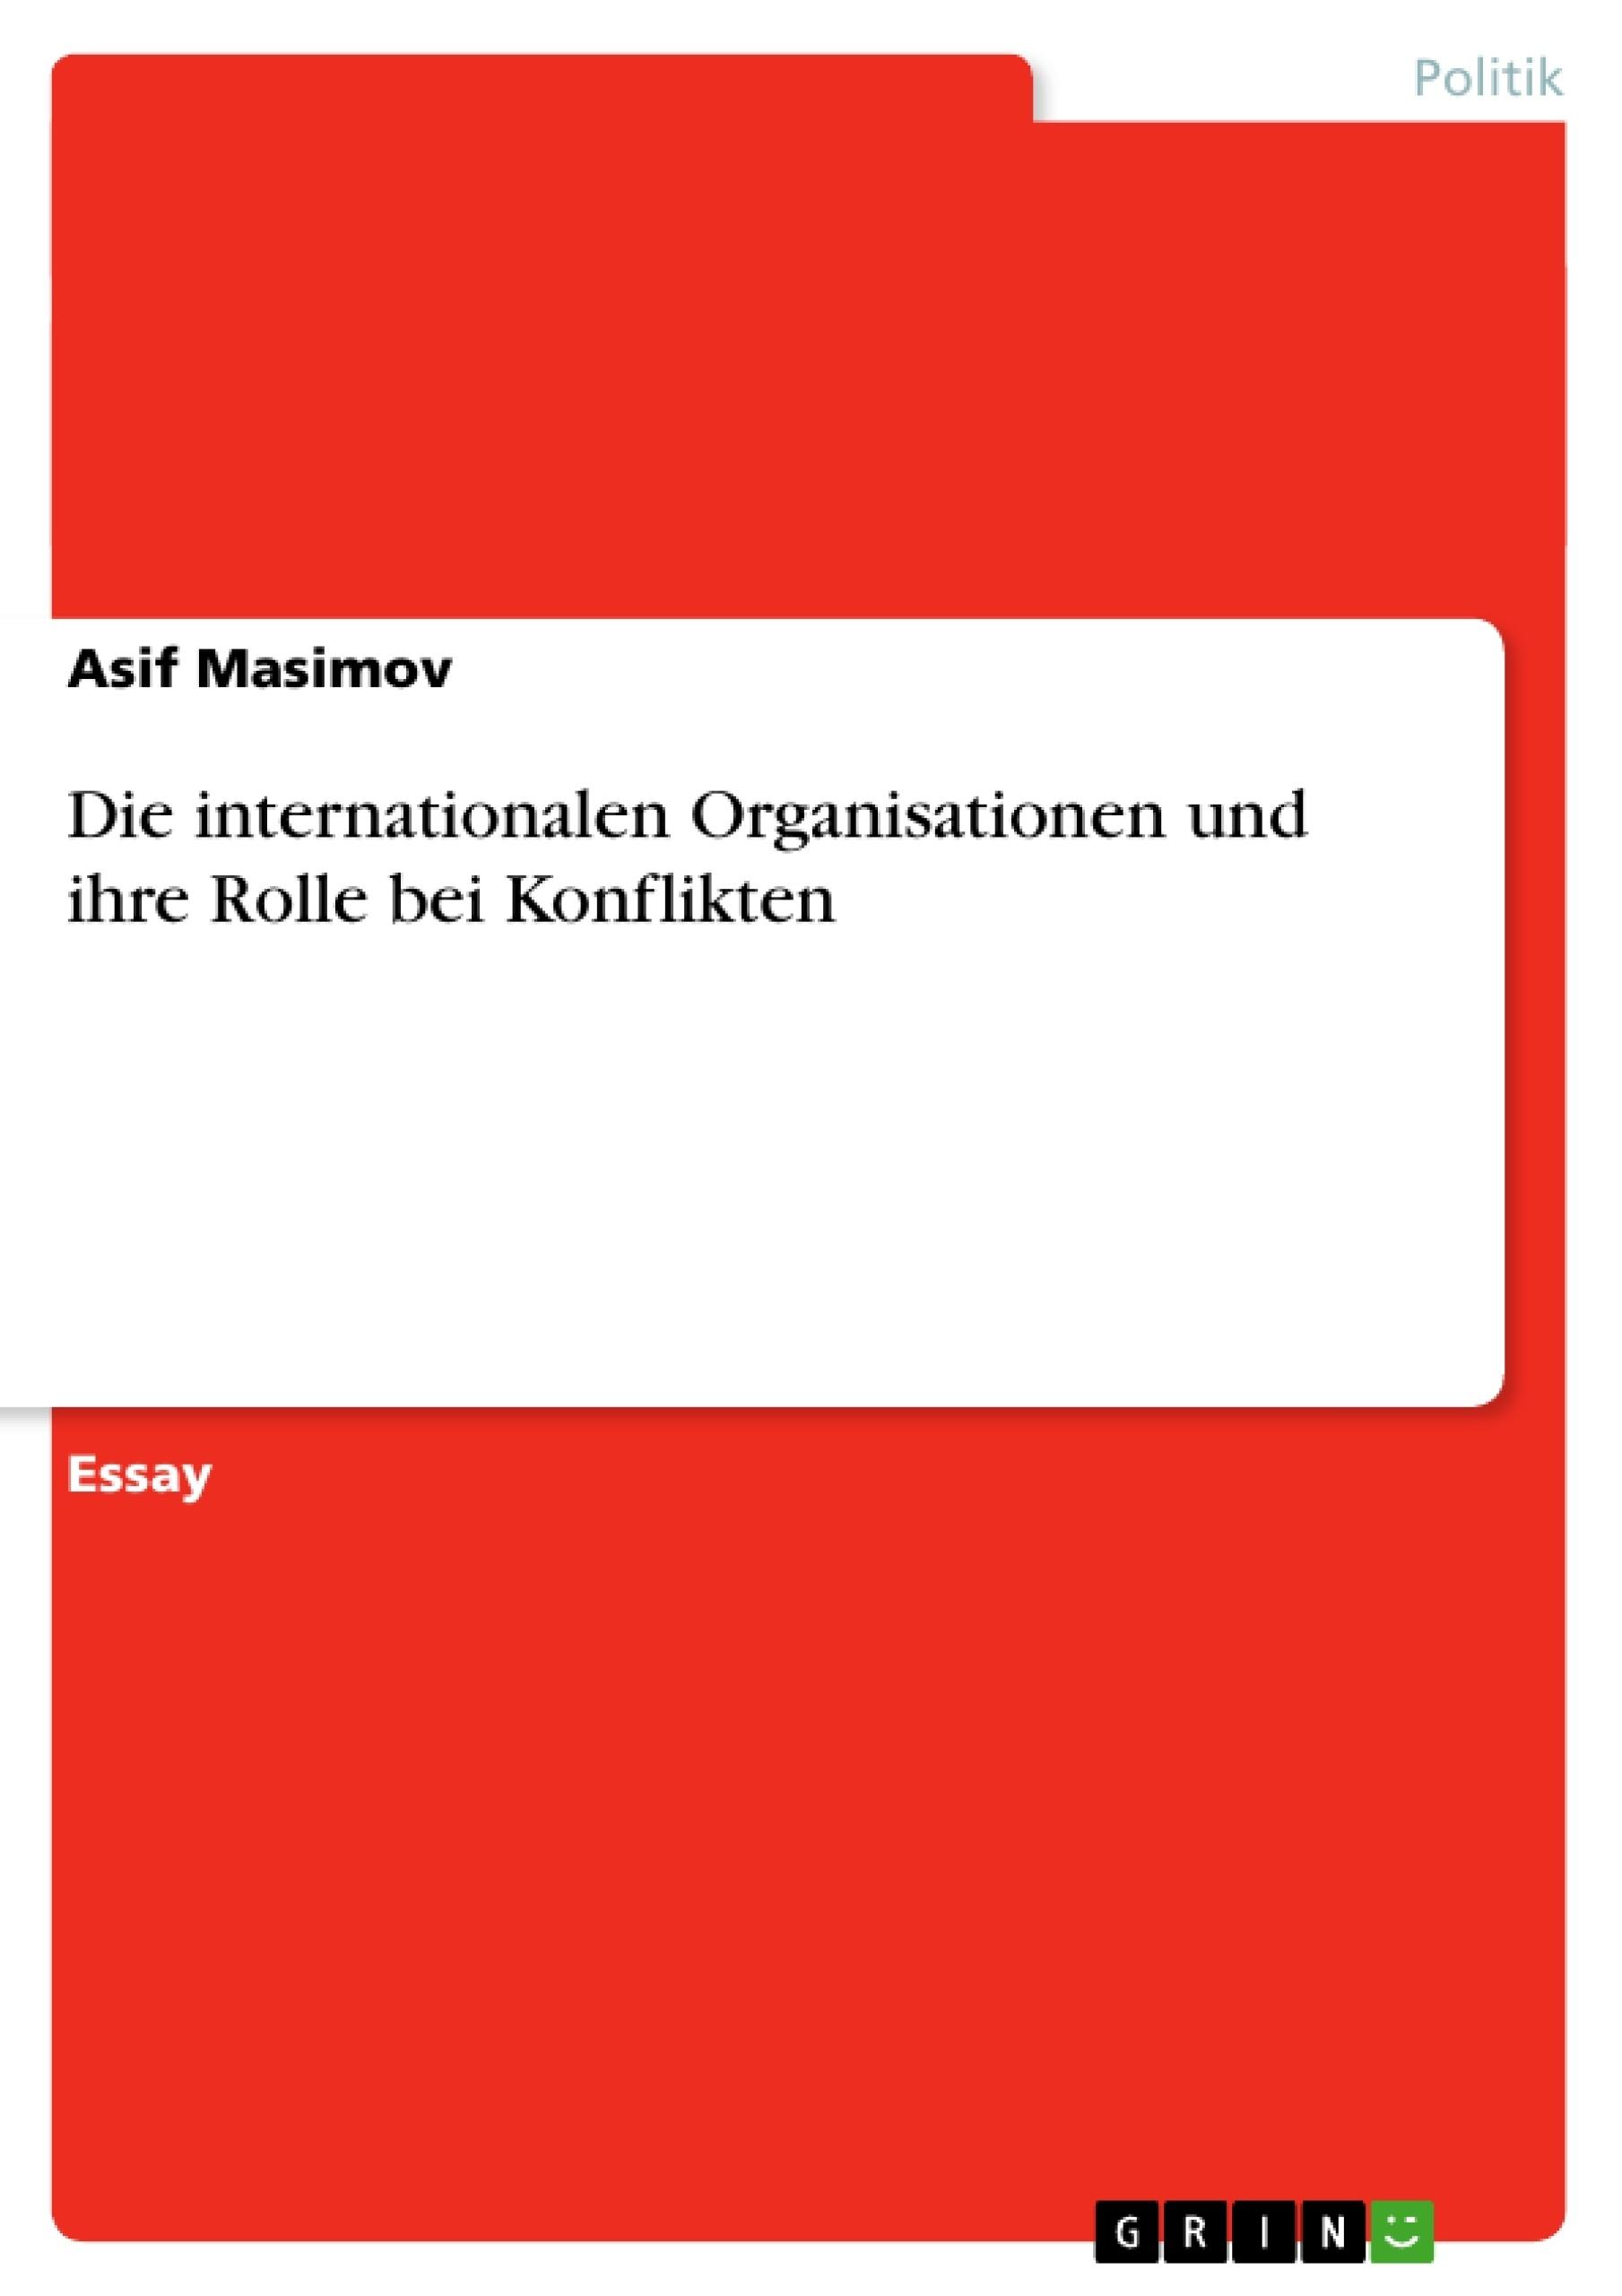 Titel: Die internationalen Organisationen und ihre Rolle bei Konflikten